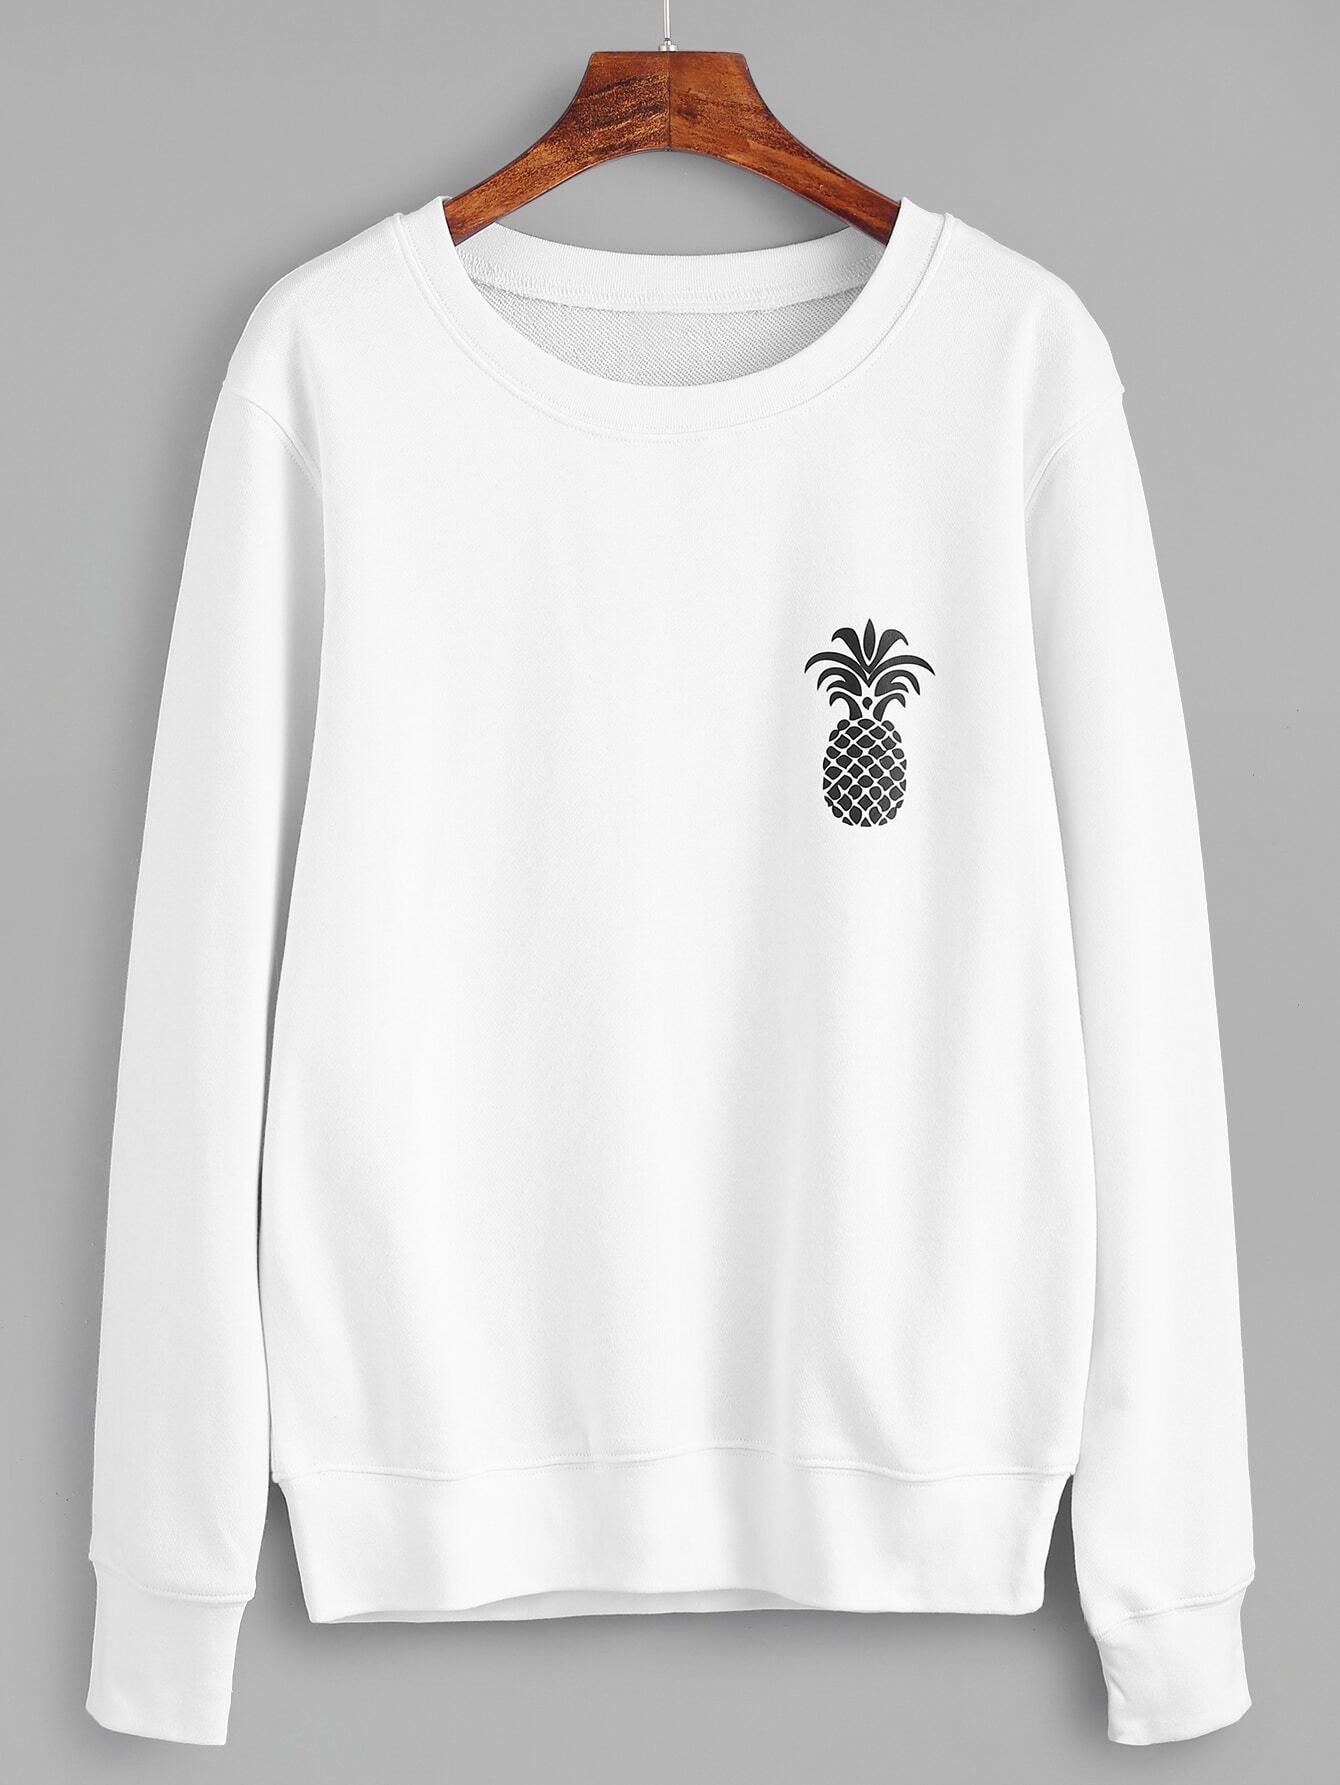 White Pineapple Print Sweatshirtfor Women Romwe